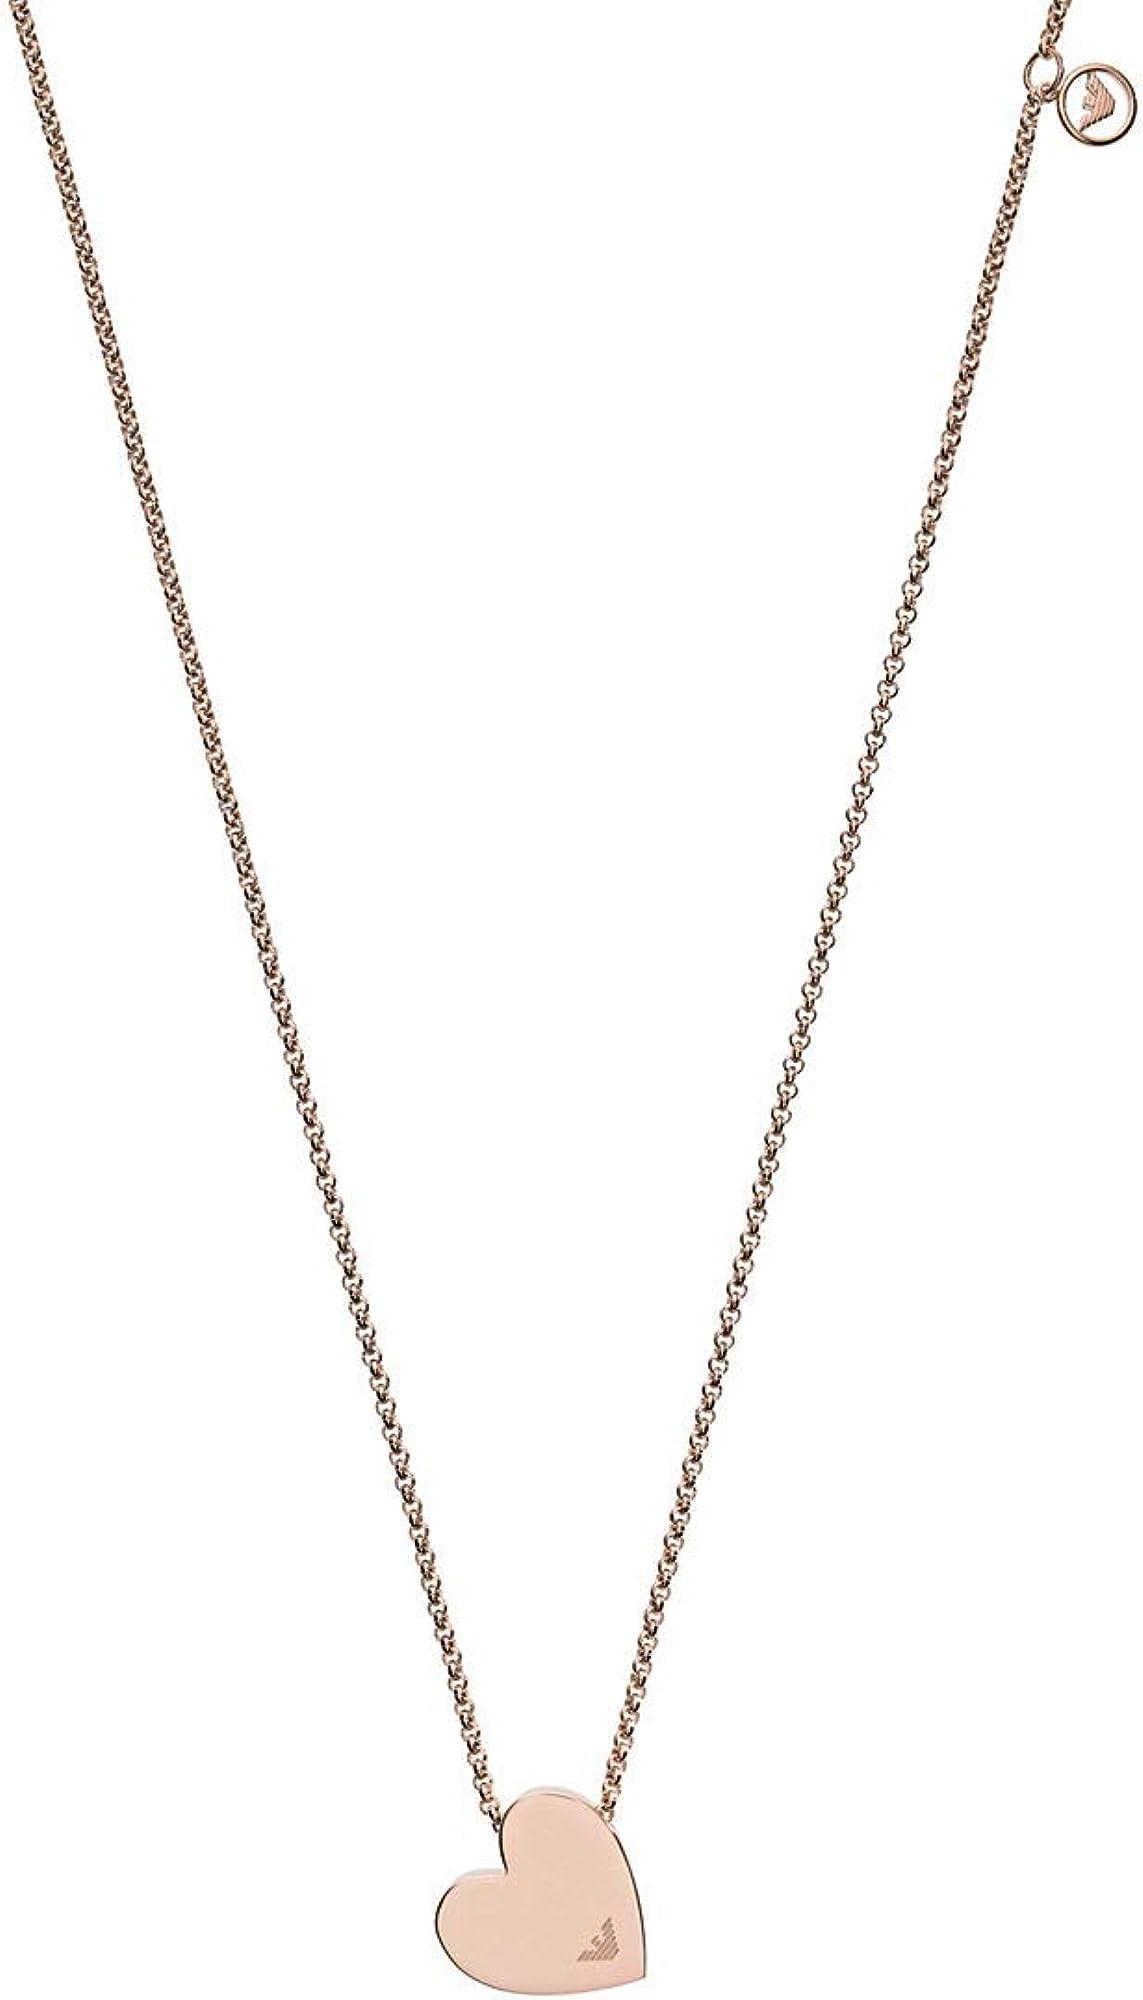 Emporio armani collana donna gioielli trendy EGS2673221